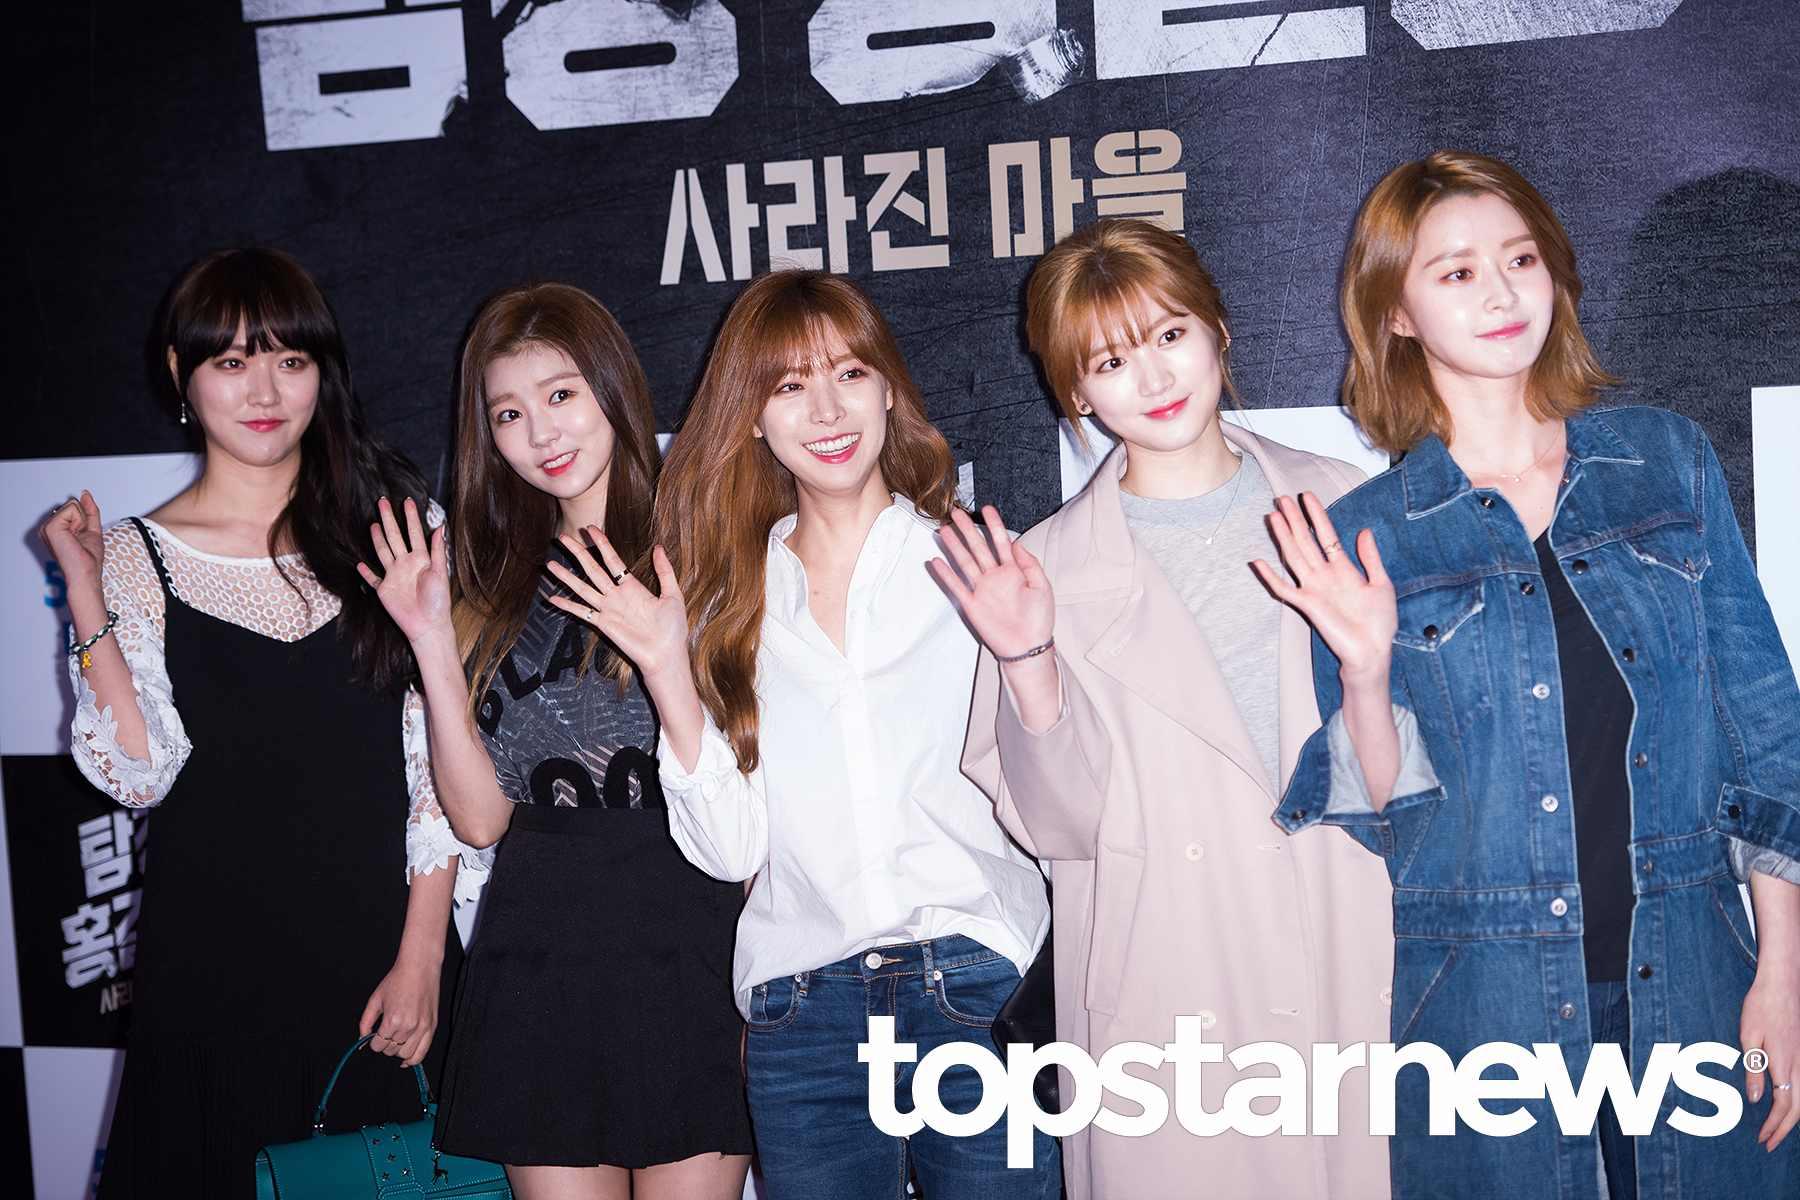 看完了韓國網友選出的三組榜單,不知道大家心裡是不是也有「明明有顏又有實力,卻總是被埋沒」的團體名單?不知道是不是長腿女團的魔咒,Hello Venus 感覺也該上榜啊ㅠㅠ